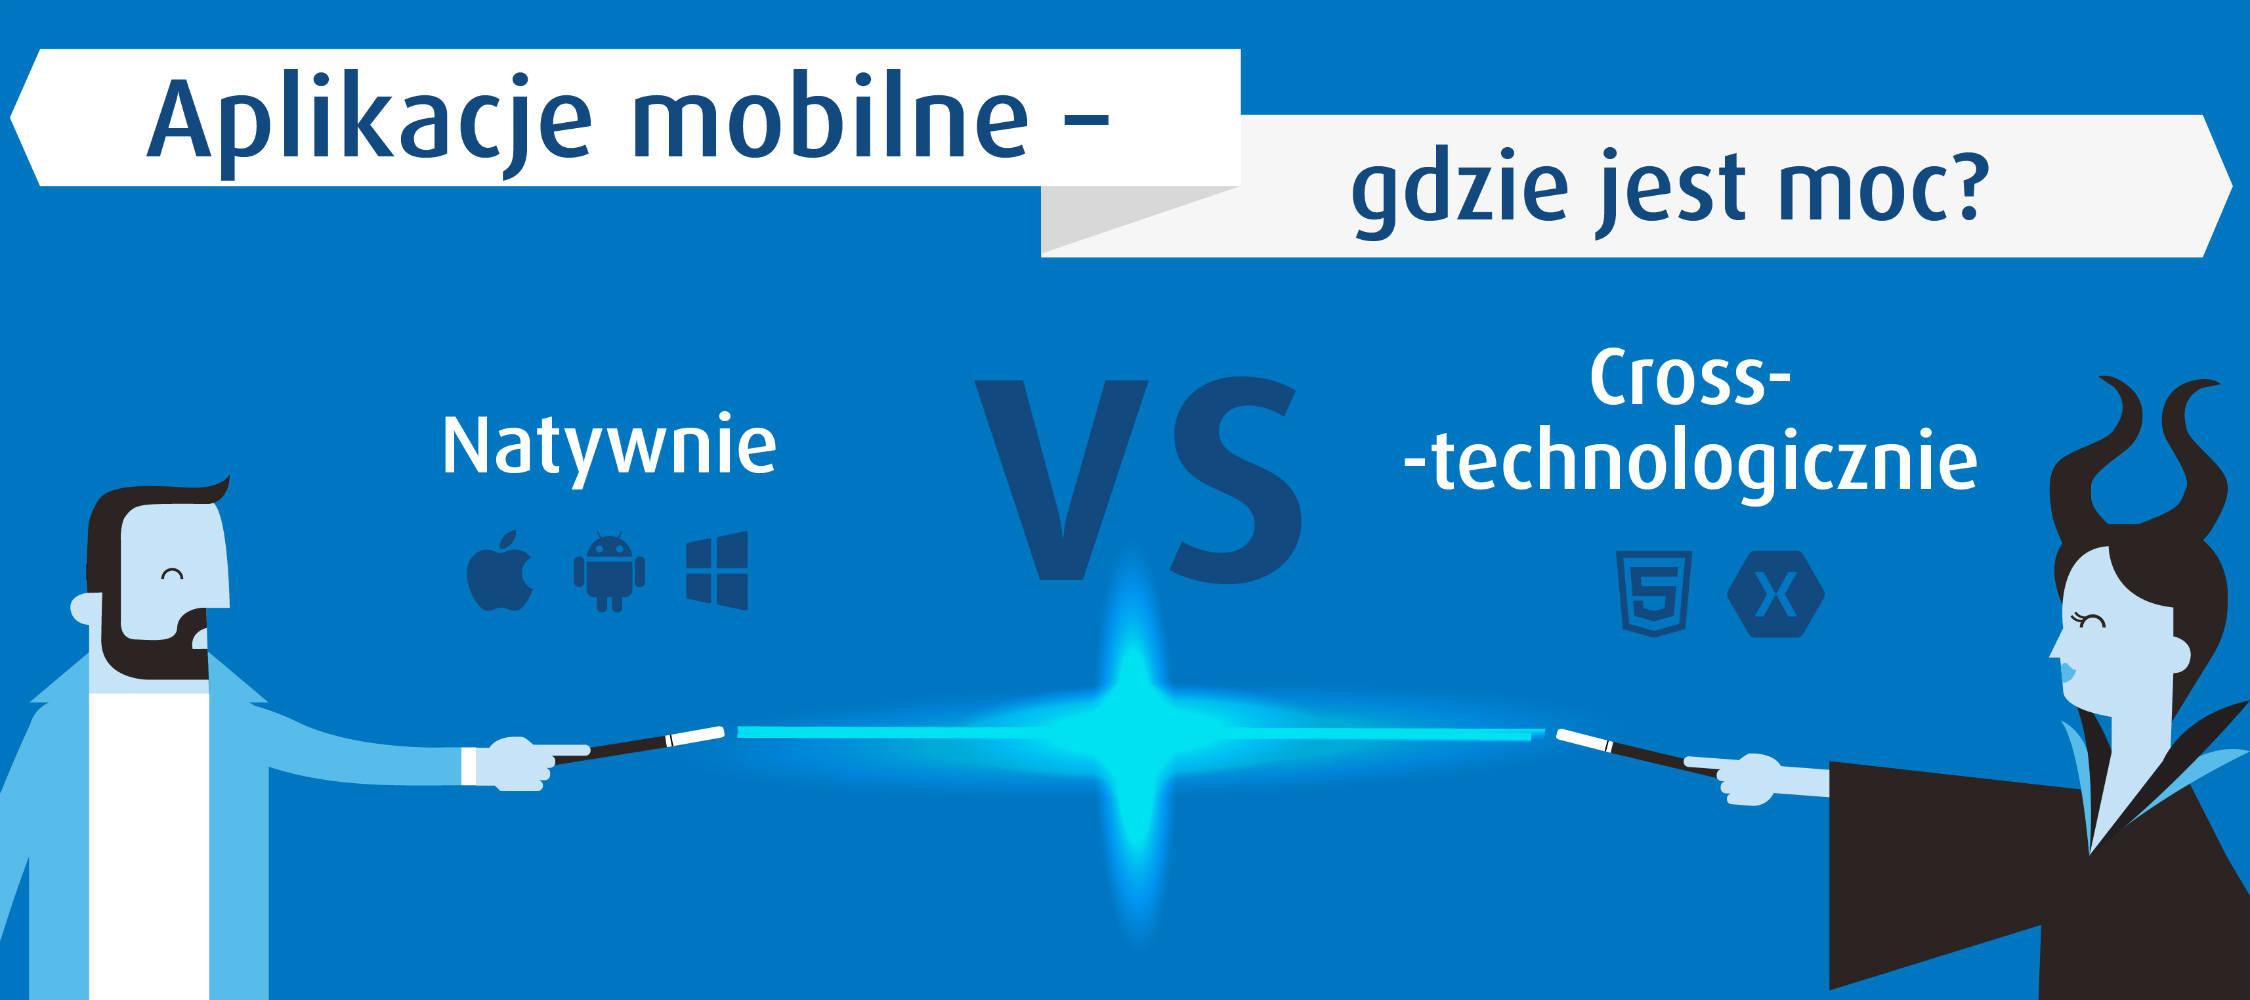 Aplikacje-mobilne-natywne-cross-technologiczne